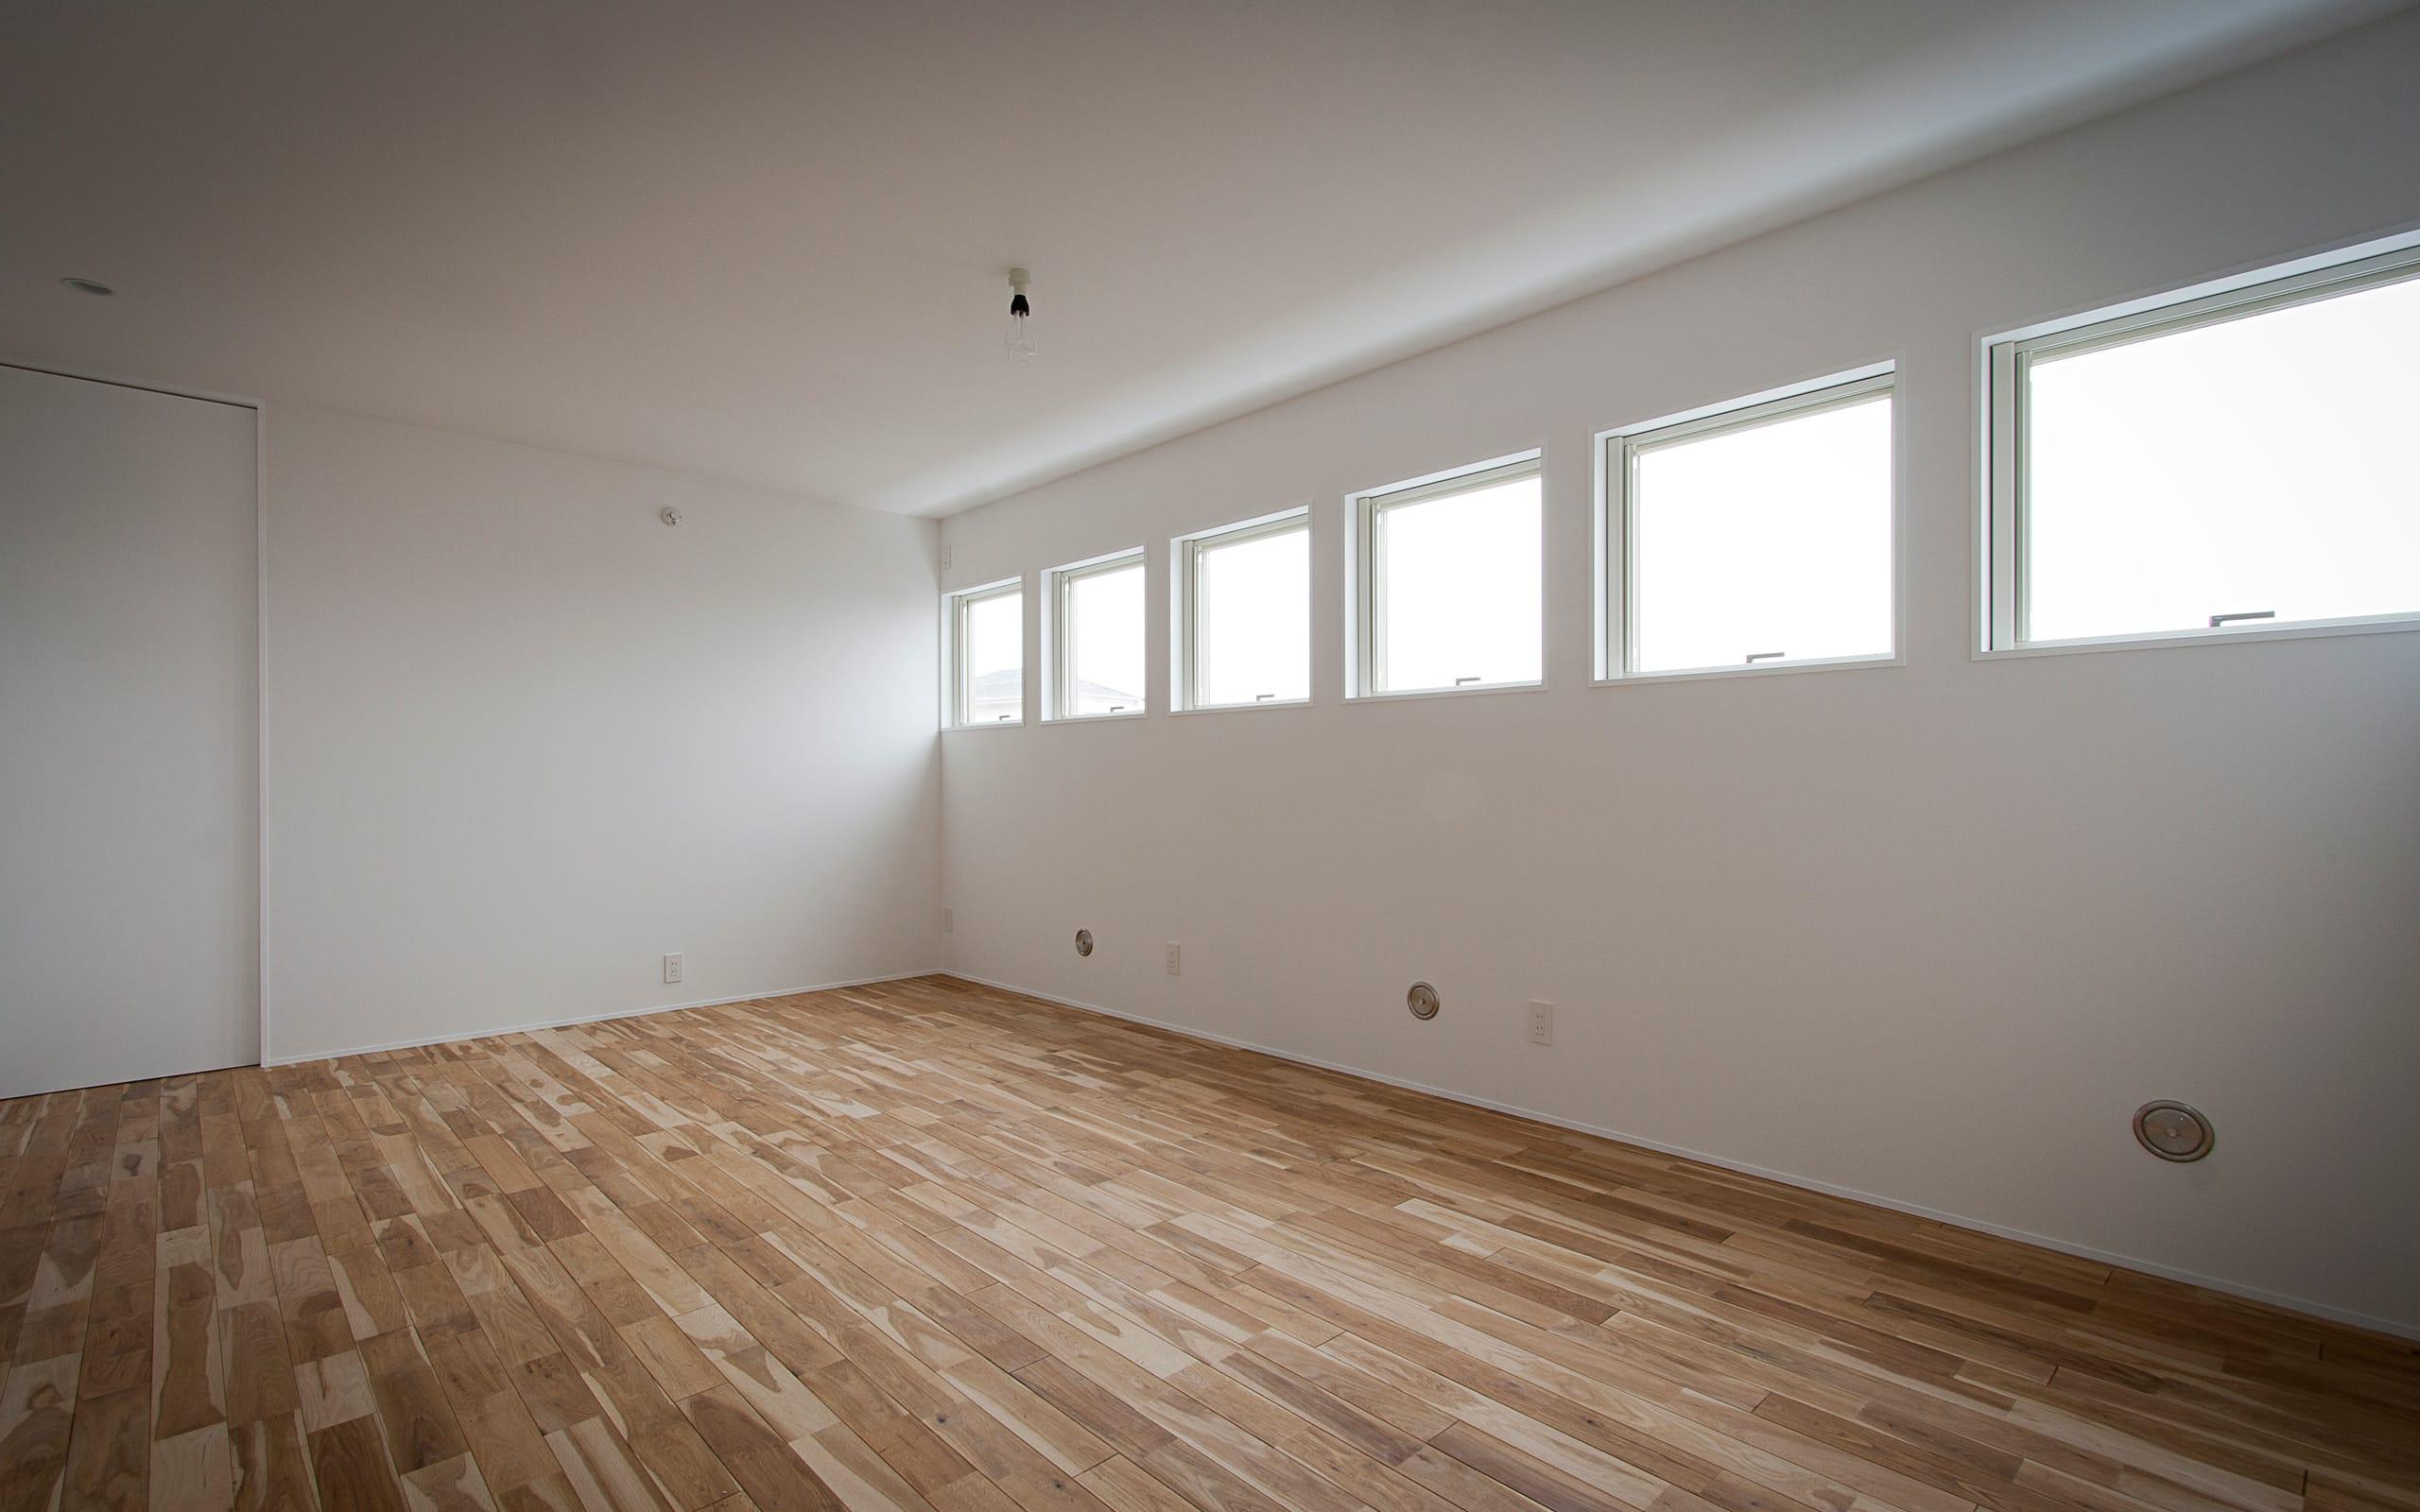 絶景!海を望む白い家の部屋1